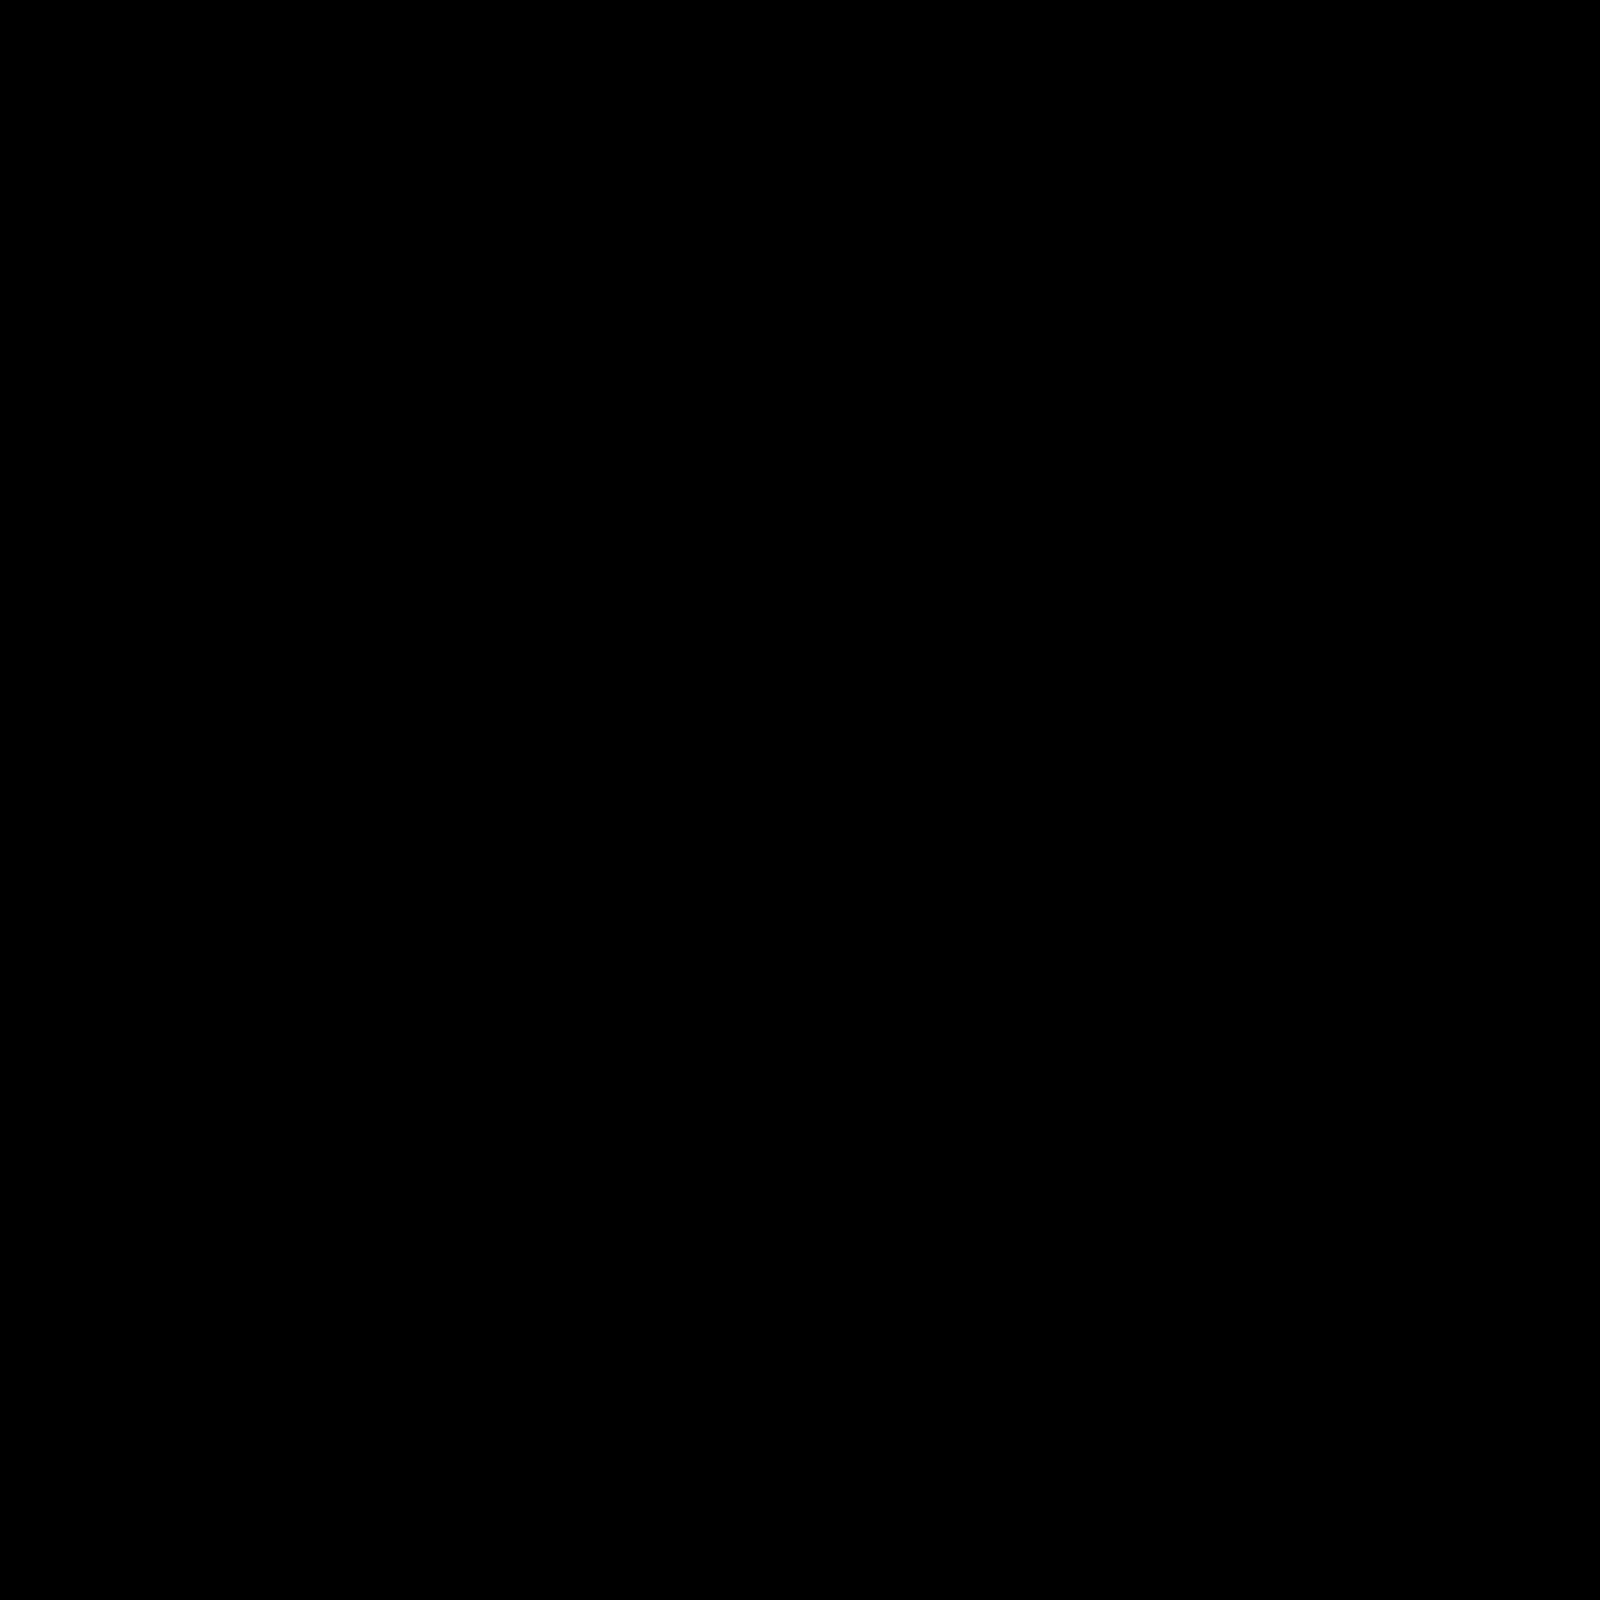 滑らかな背景色 icon